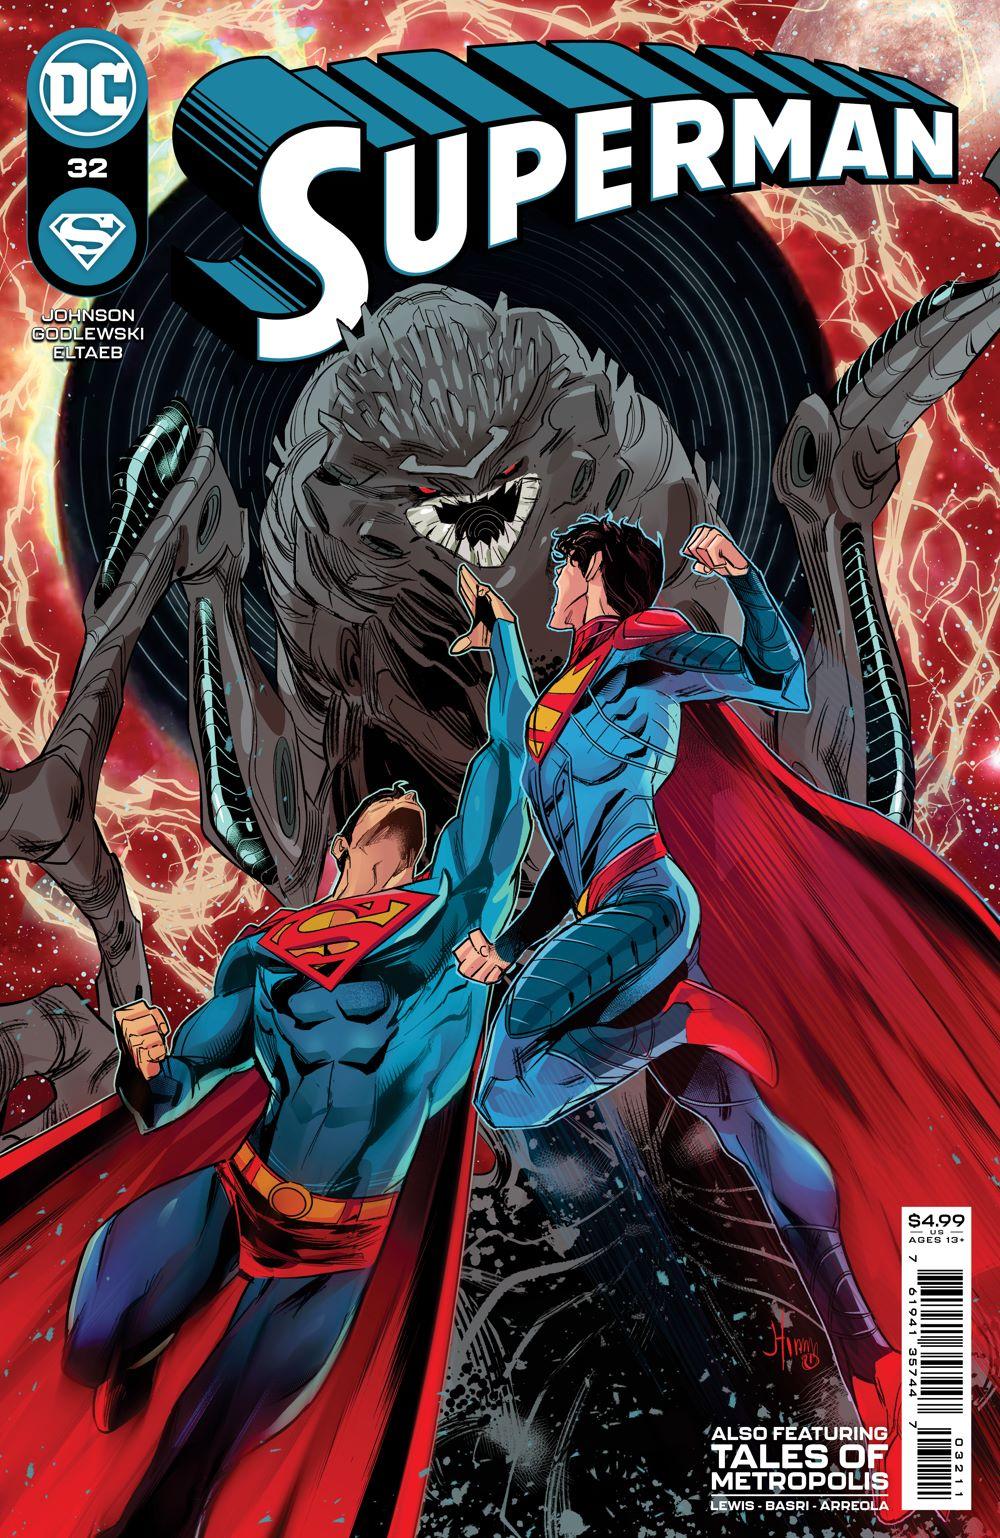 SUPERMAN_Cv32 DC Comics June 2021 Solicitations